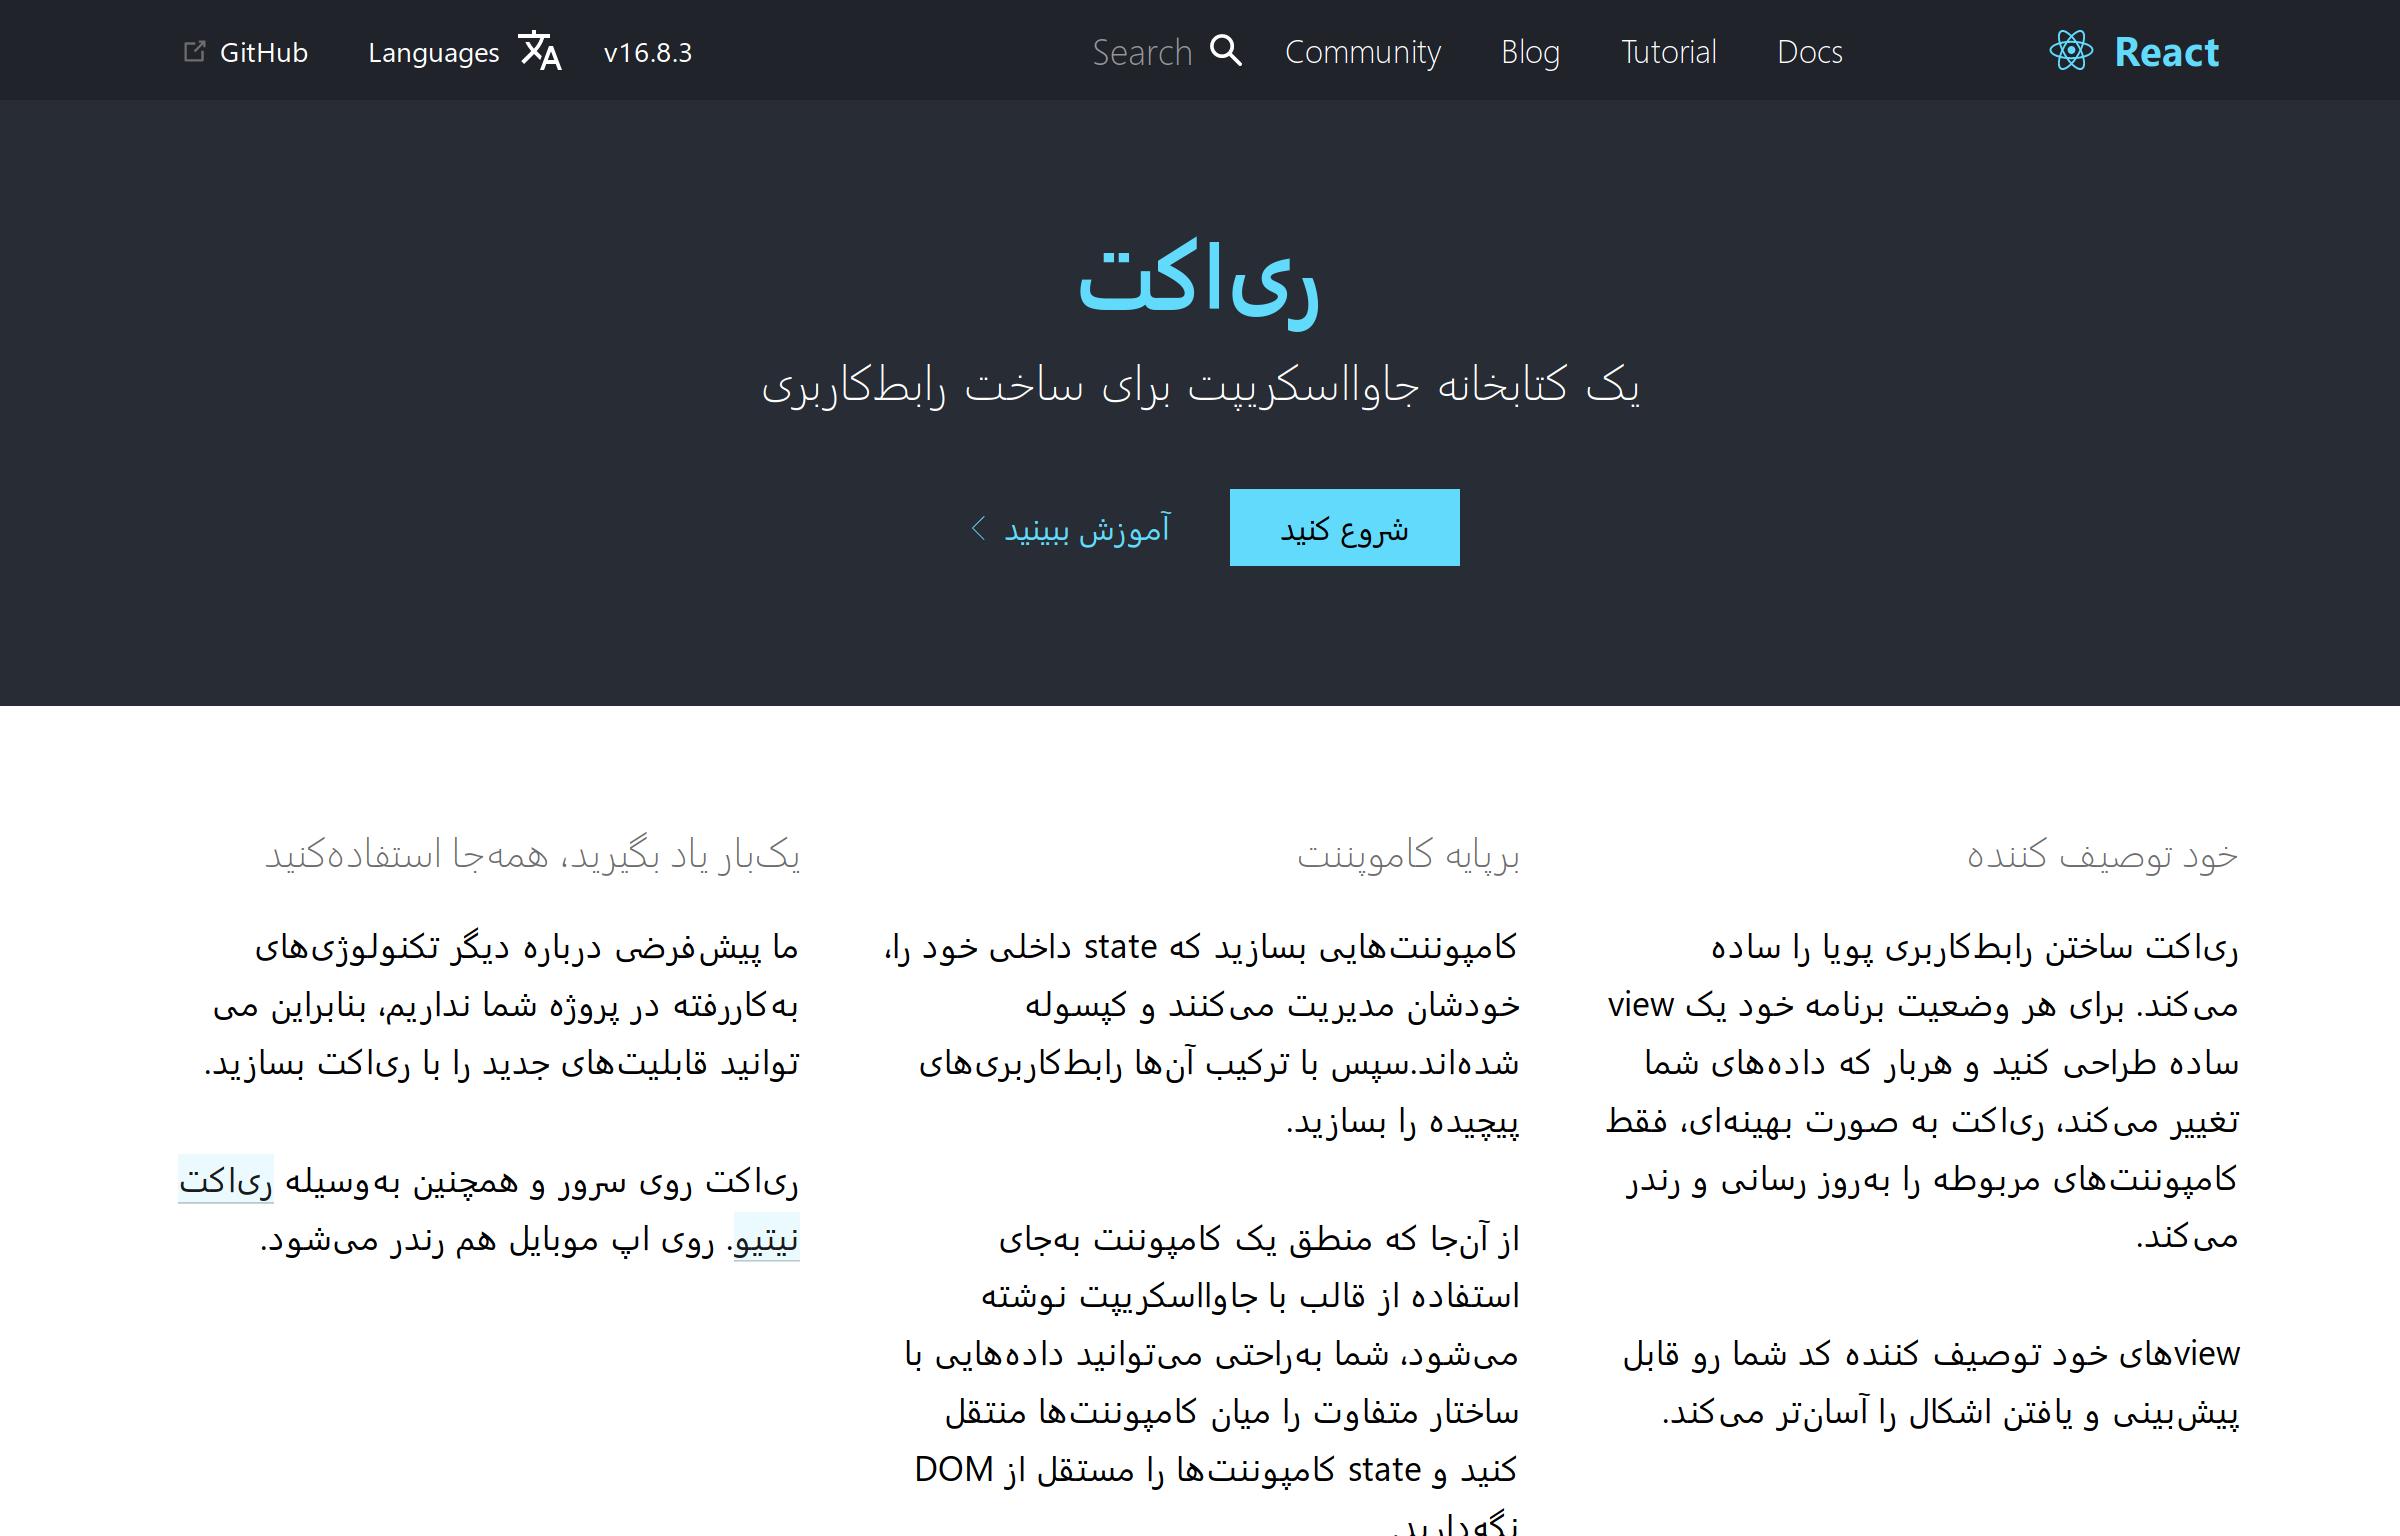 مشارکت برای پیشرفت جامعه توسعهدهندگان فارسی زبان ریاکت